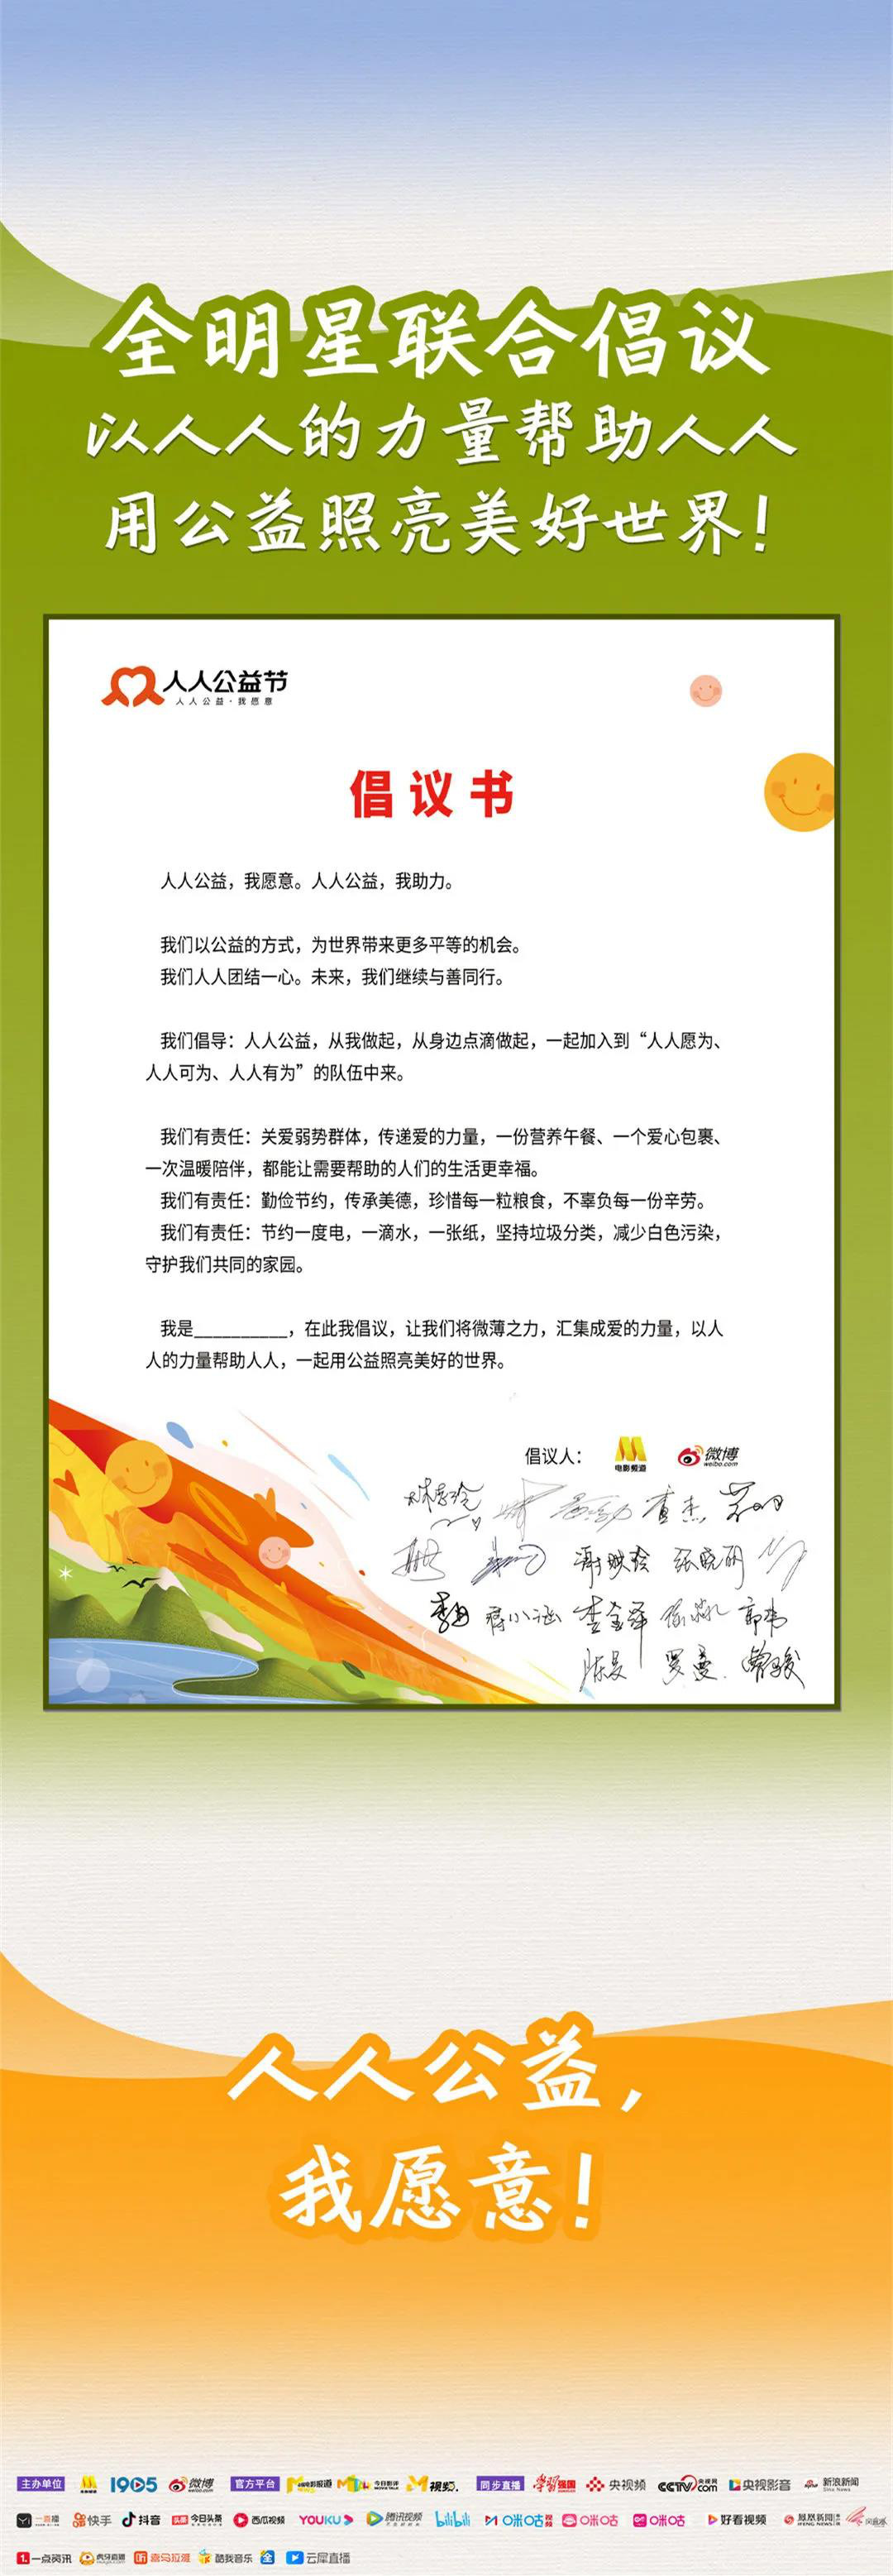 皇冠新现金网平台:爱的接力!电影频道携手群星讲述中国公益故事 第20张